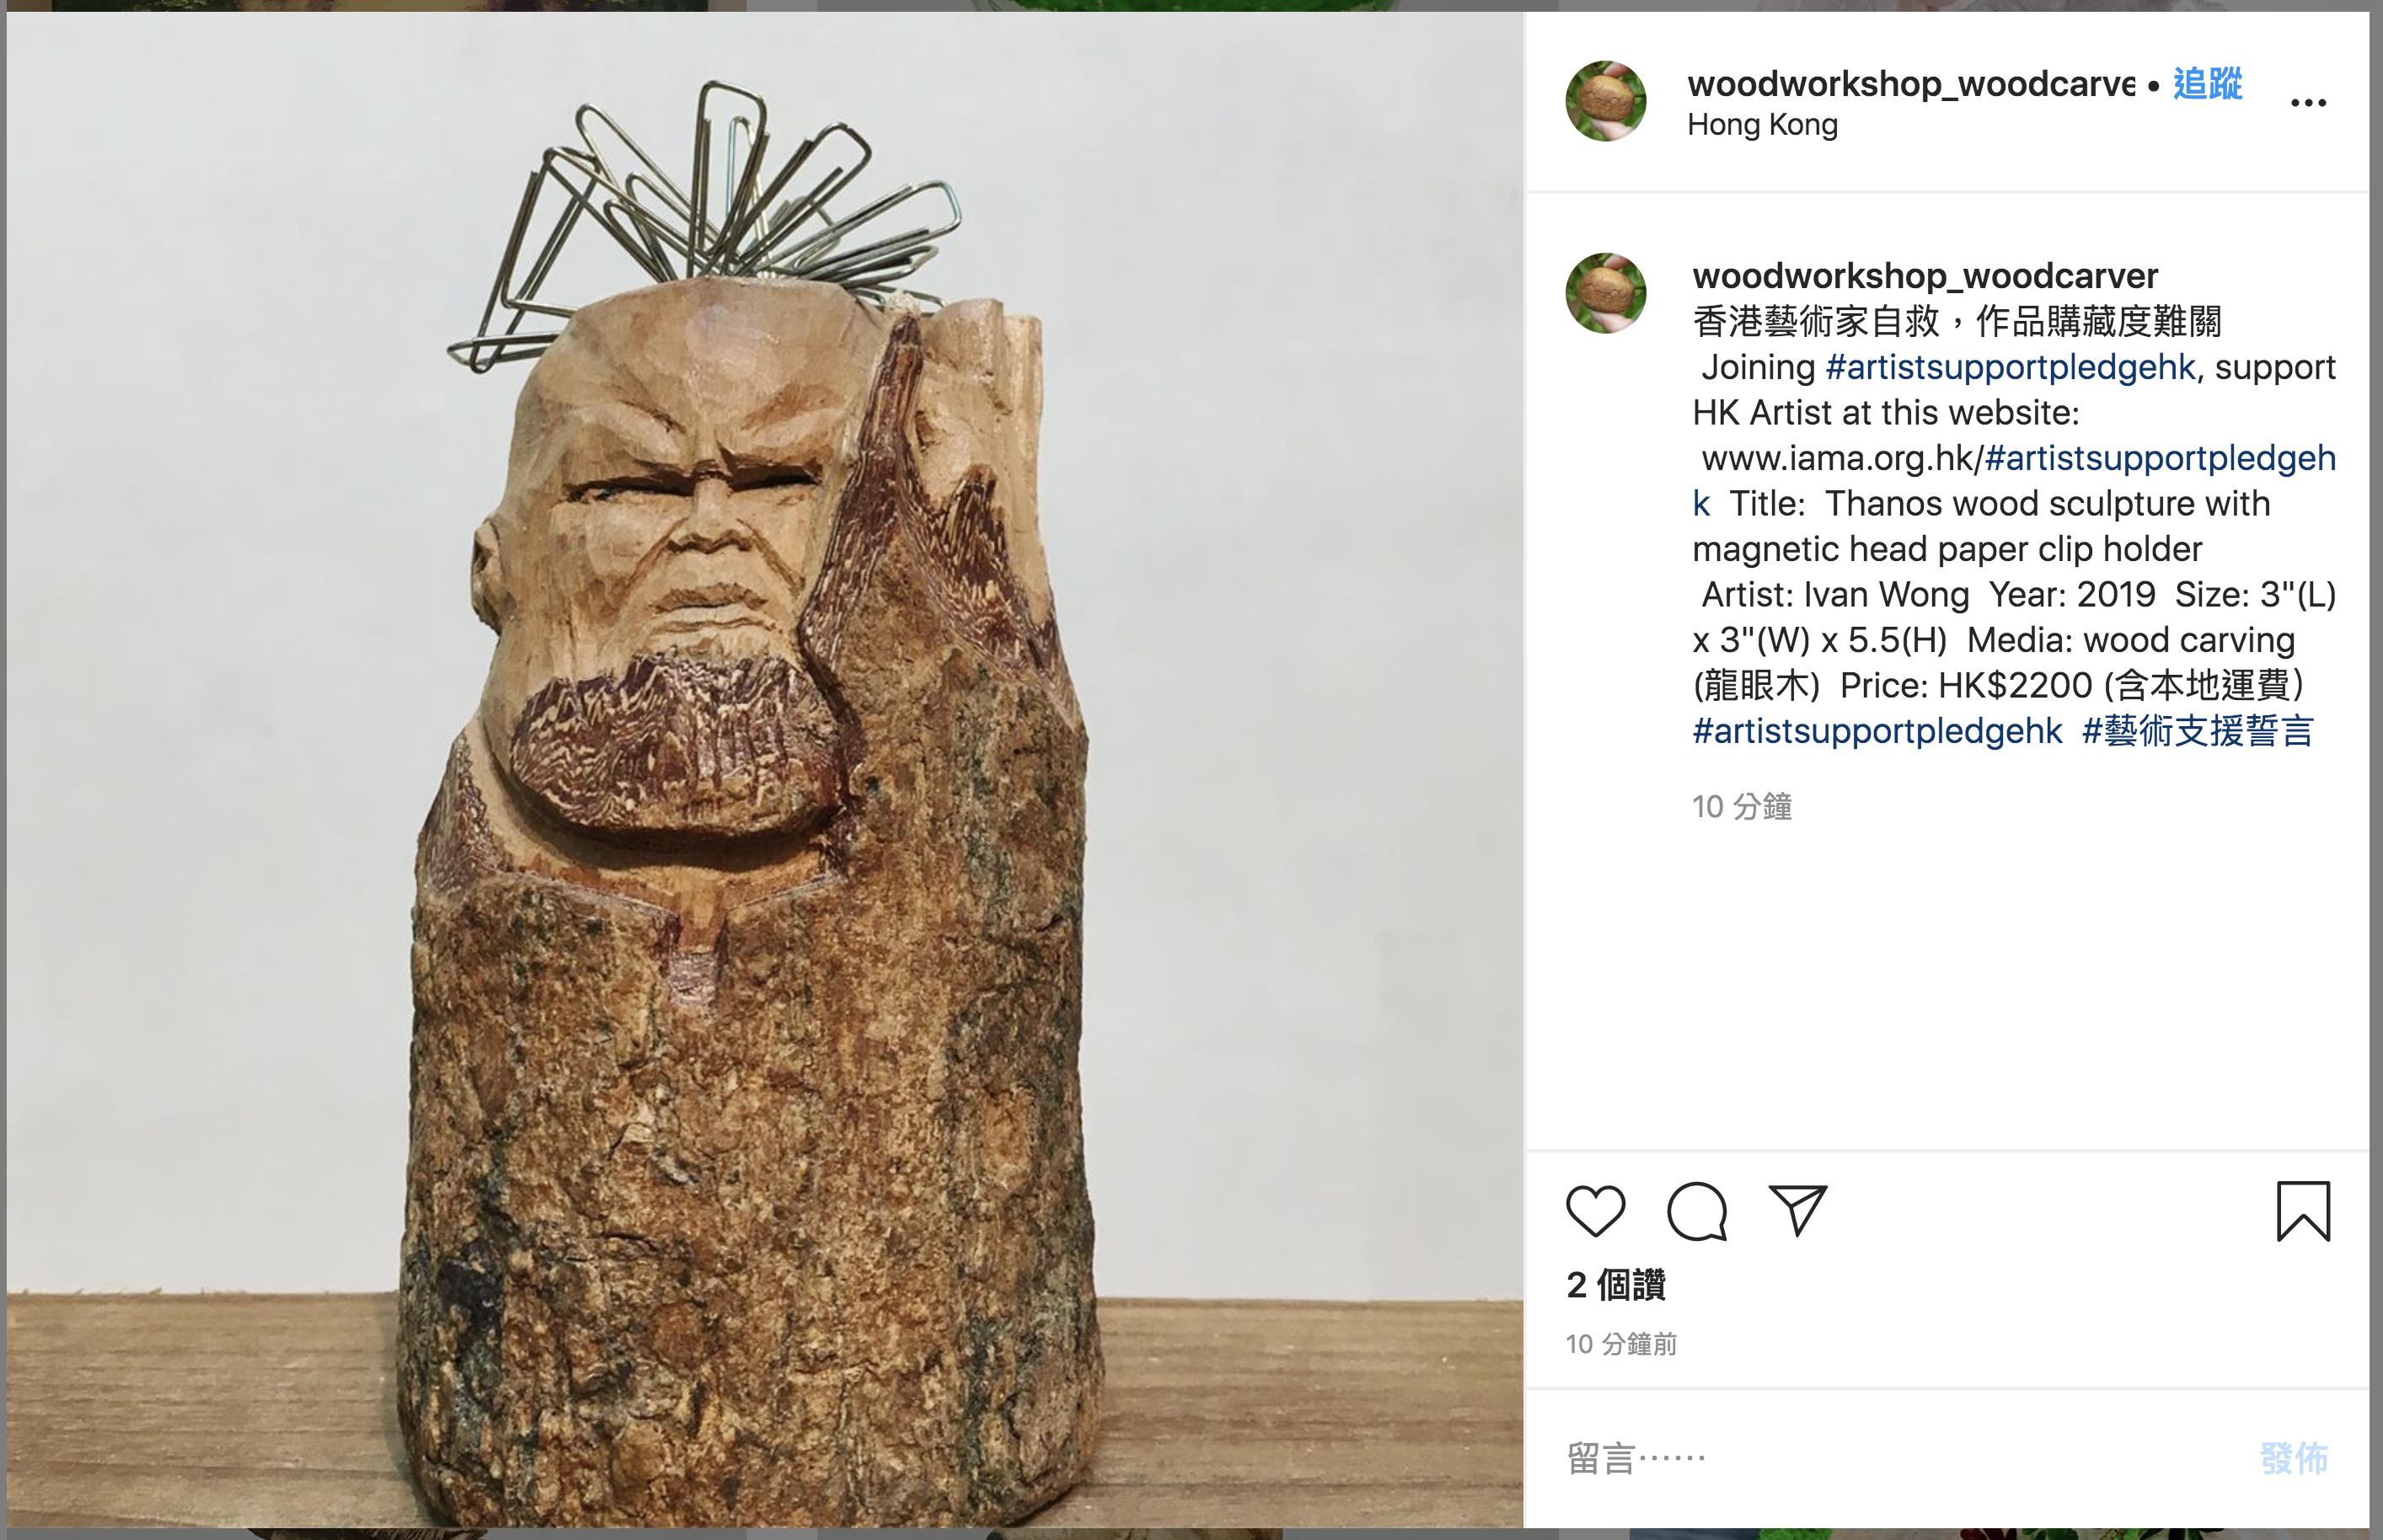 由Ivan Wong處理的木雕Thanos,有趣之餘霸氣不減。